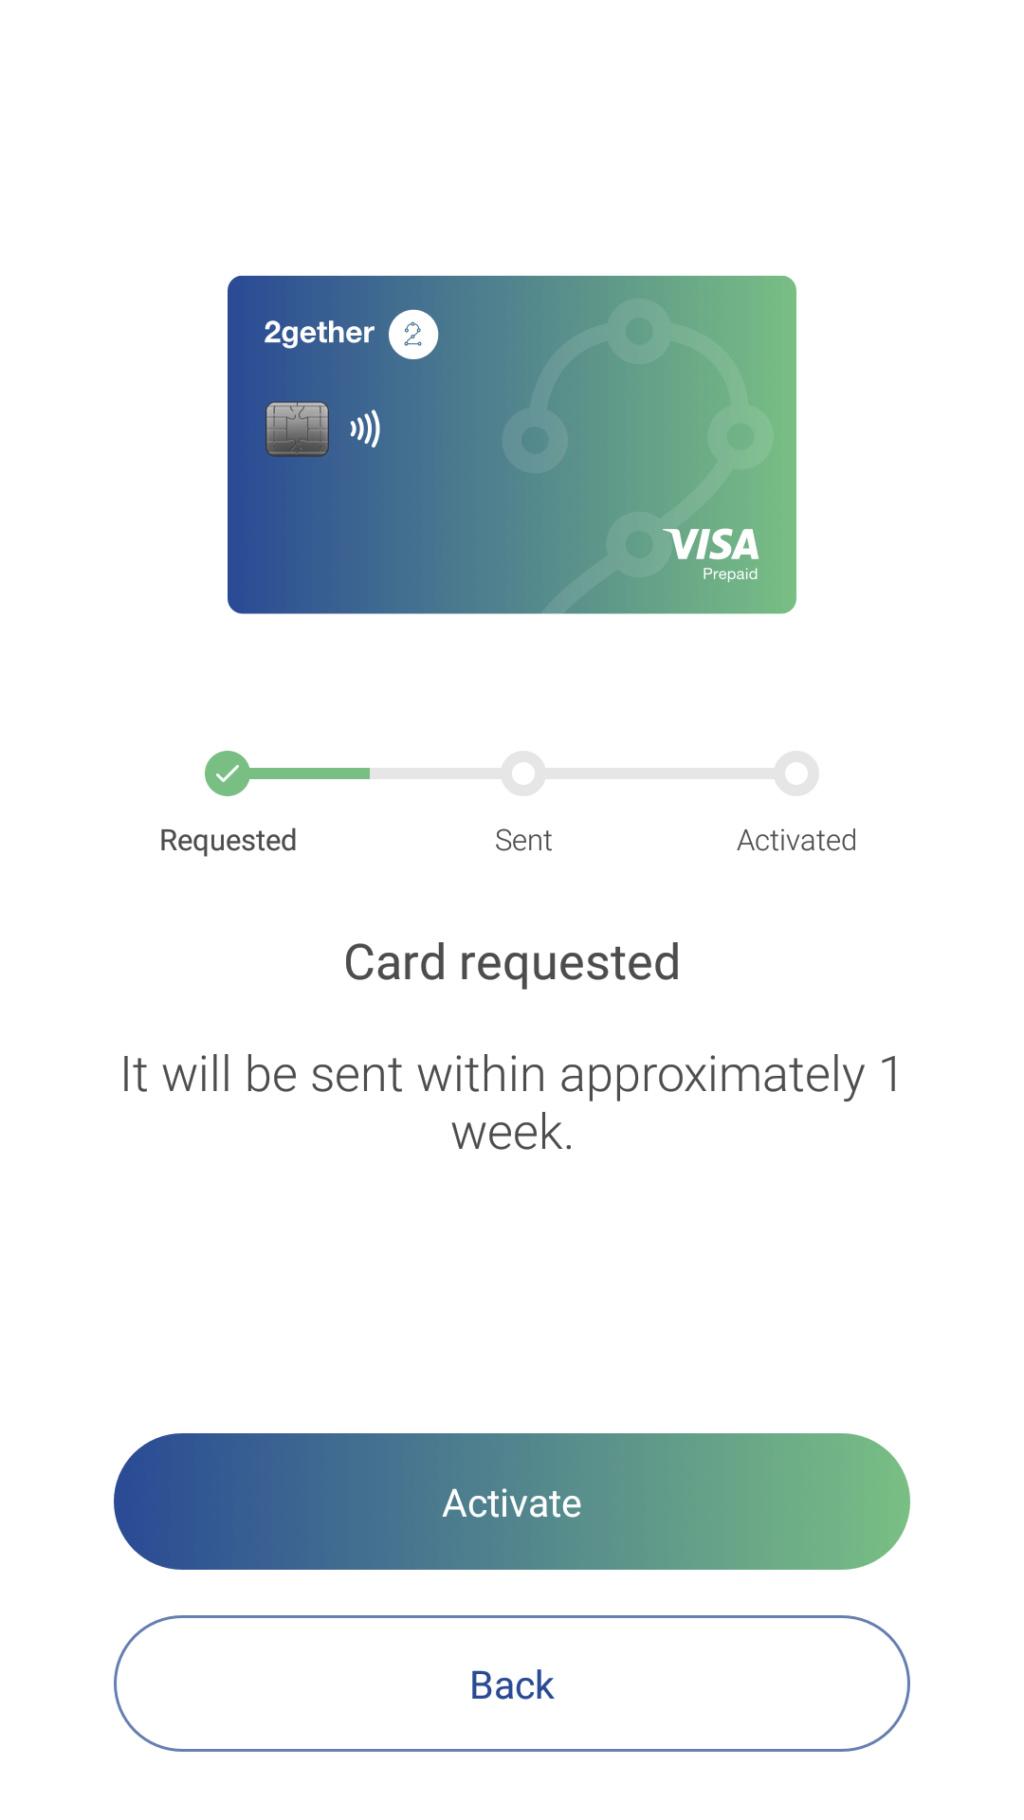 OPORTUNIDADE [PROVADO] GANHA  5€ SEM DEPÓSITO  - 2GETHER +Cartão Pré Pago Screen26